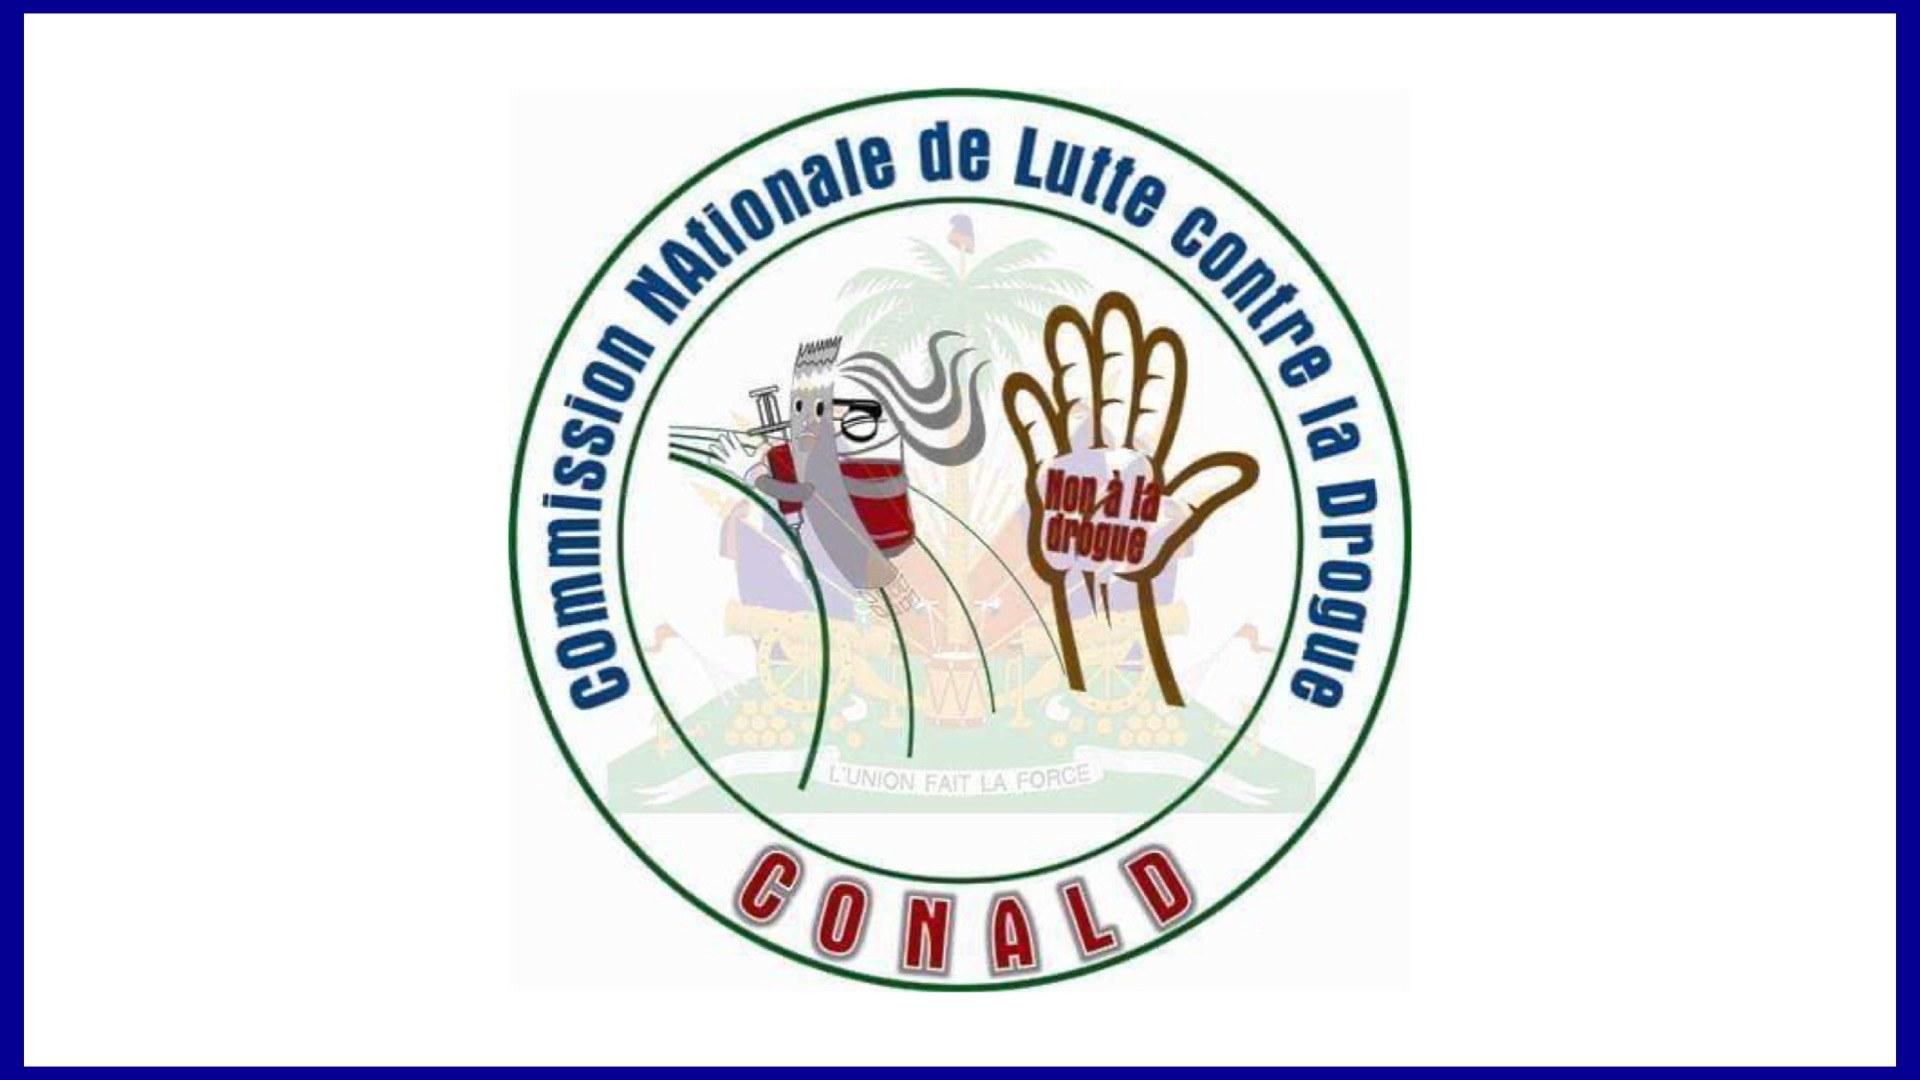 Journée internationale de lutte contre la drogue: la CONALD pour une responsabilité partagée